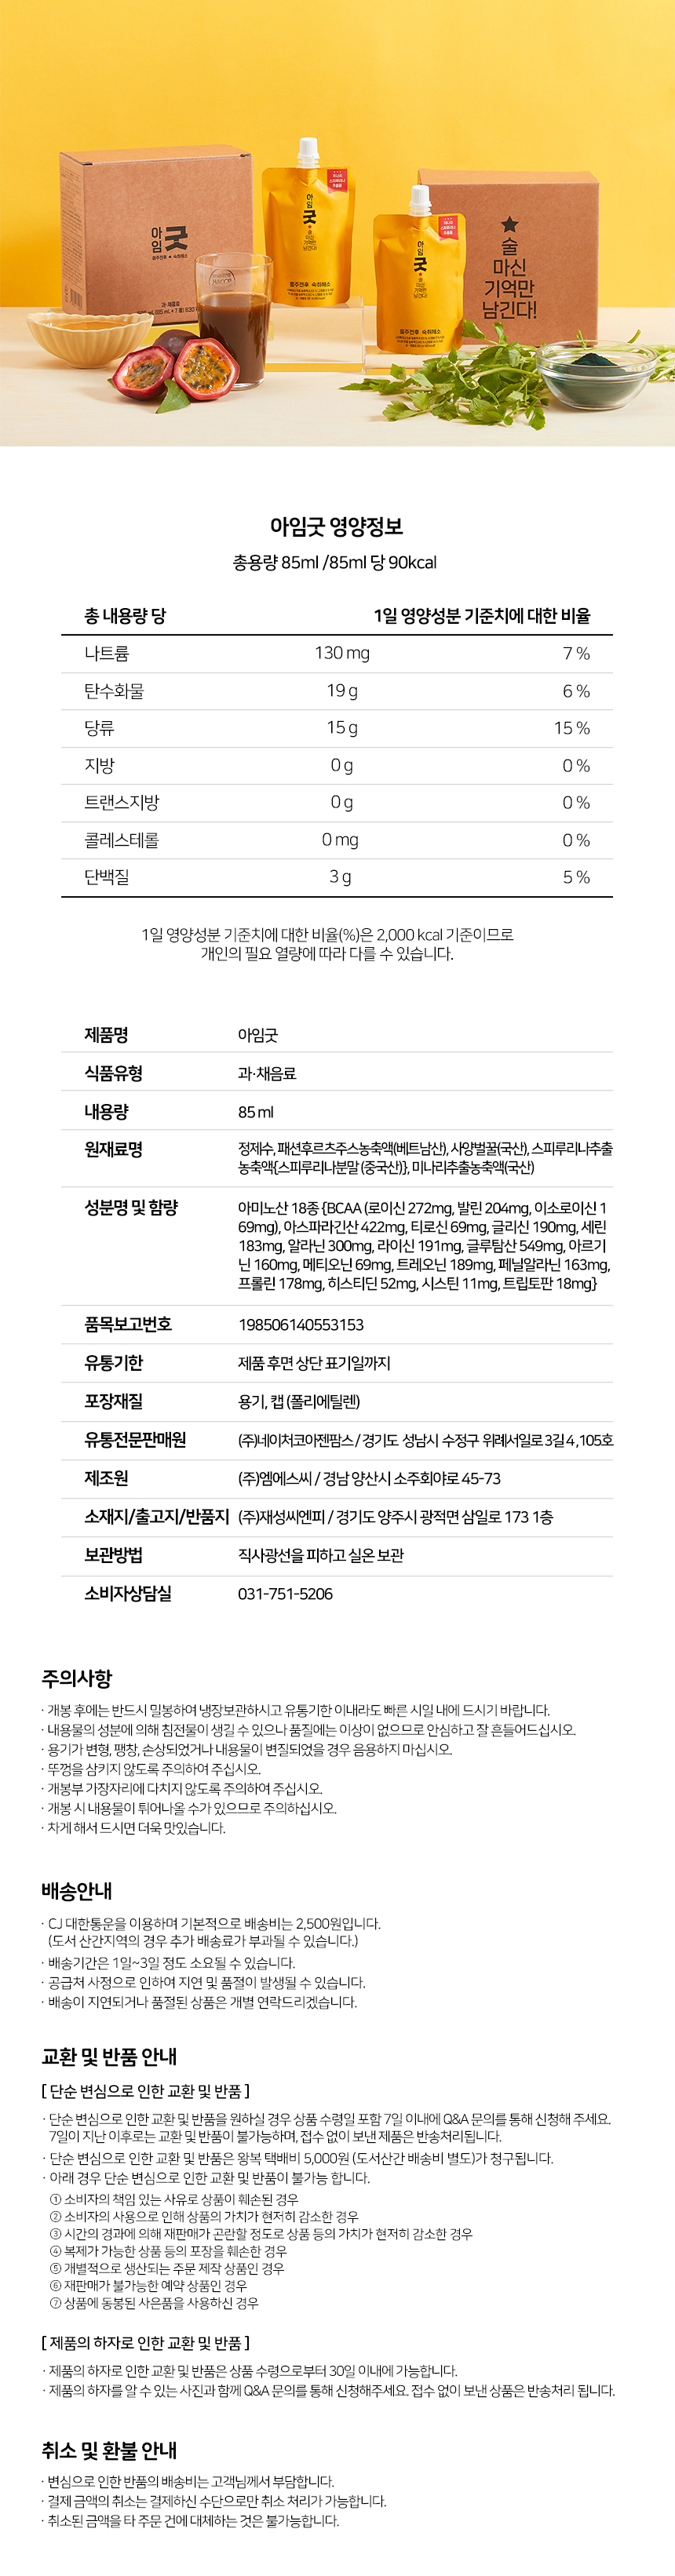 아임굿-숙취해소제_상세페이지2_07.jpg